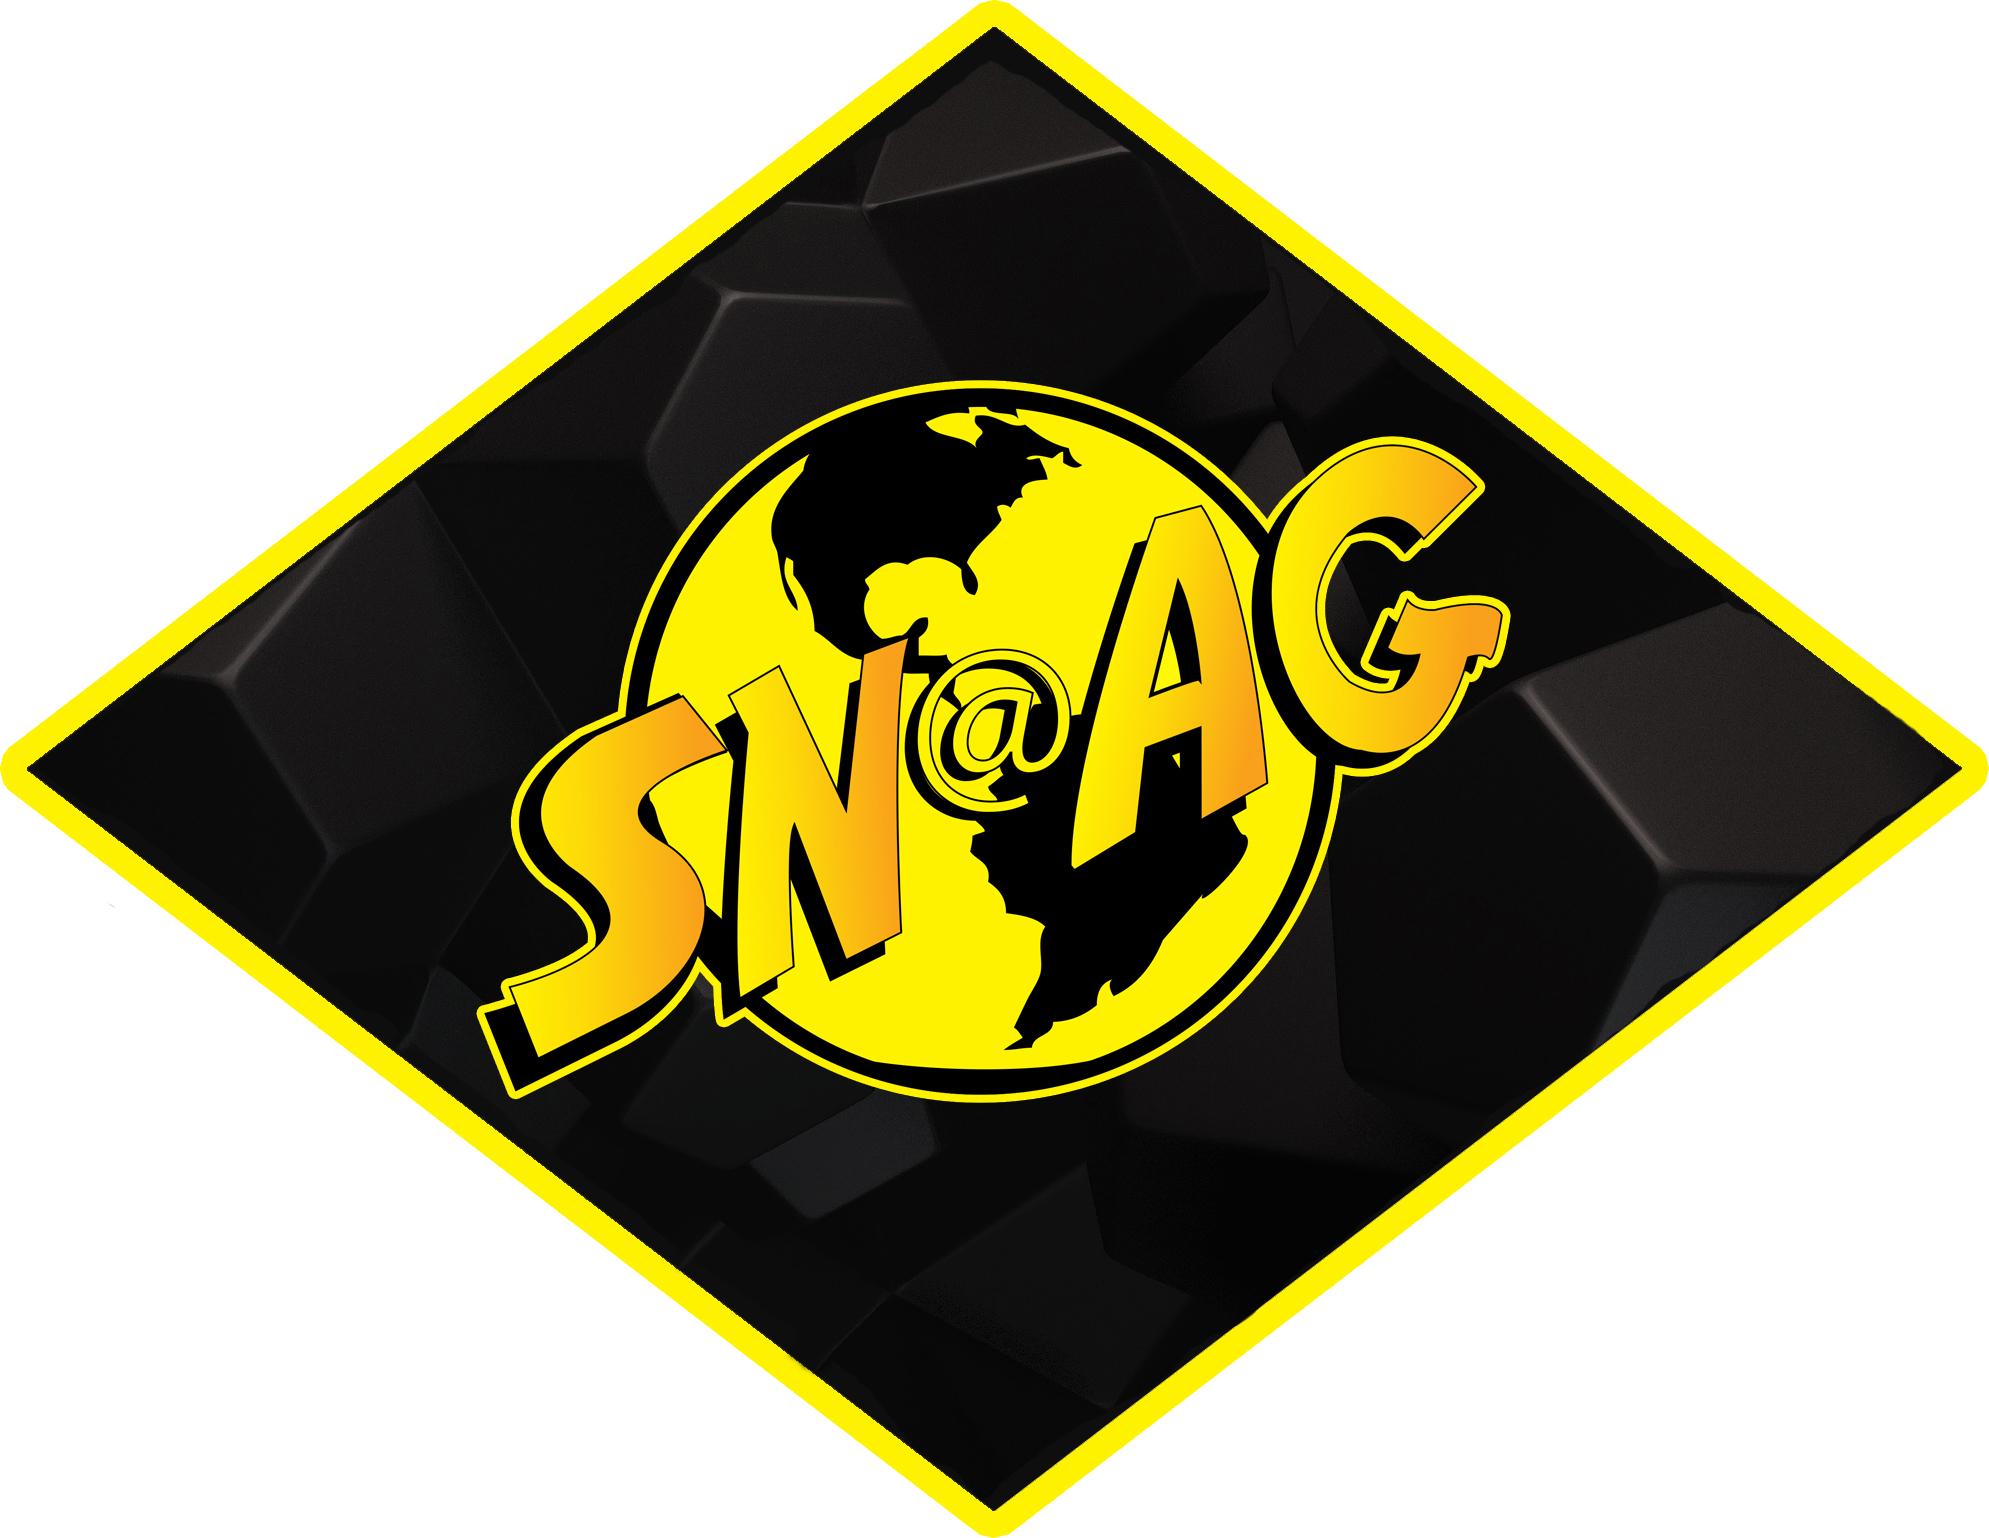 SN@AG